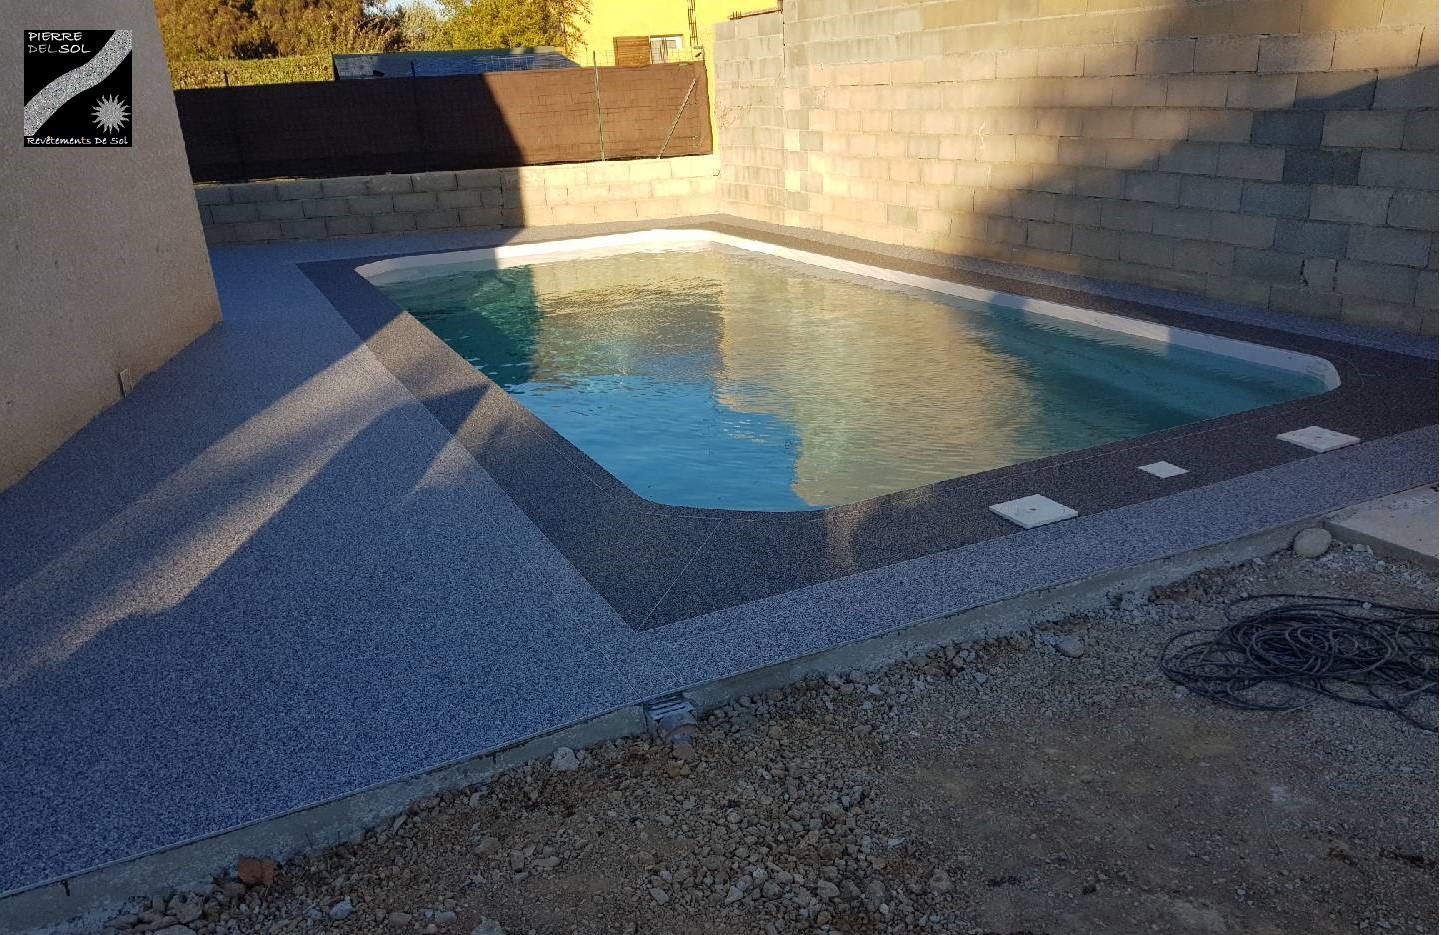 Plage piscine à Salleles d'Aude (11)